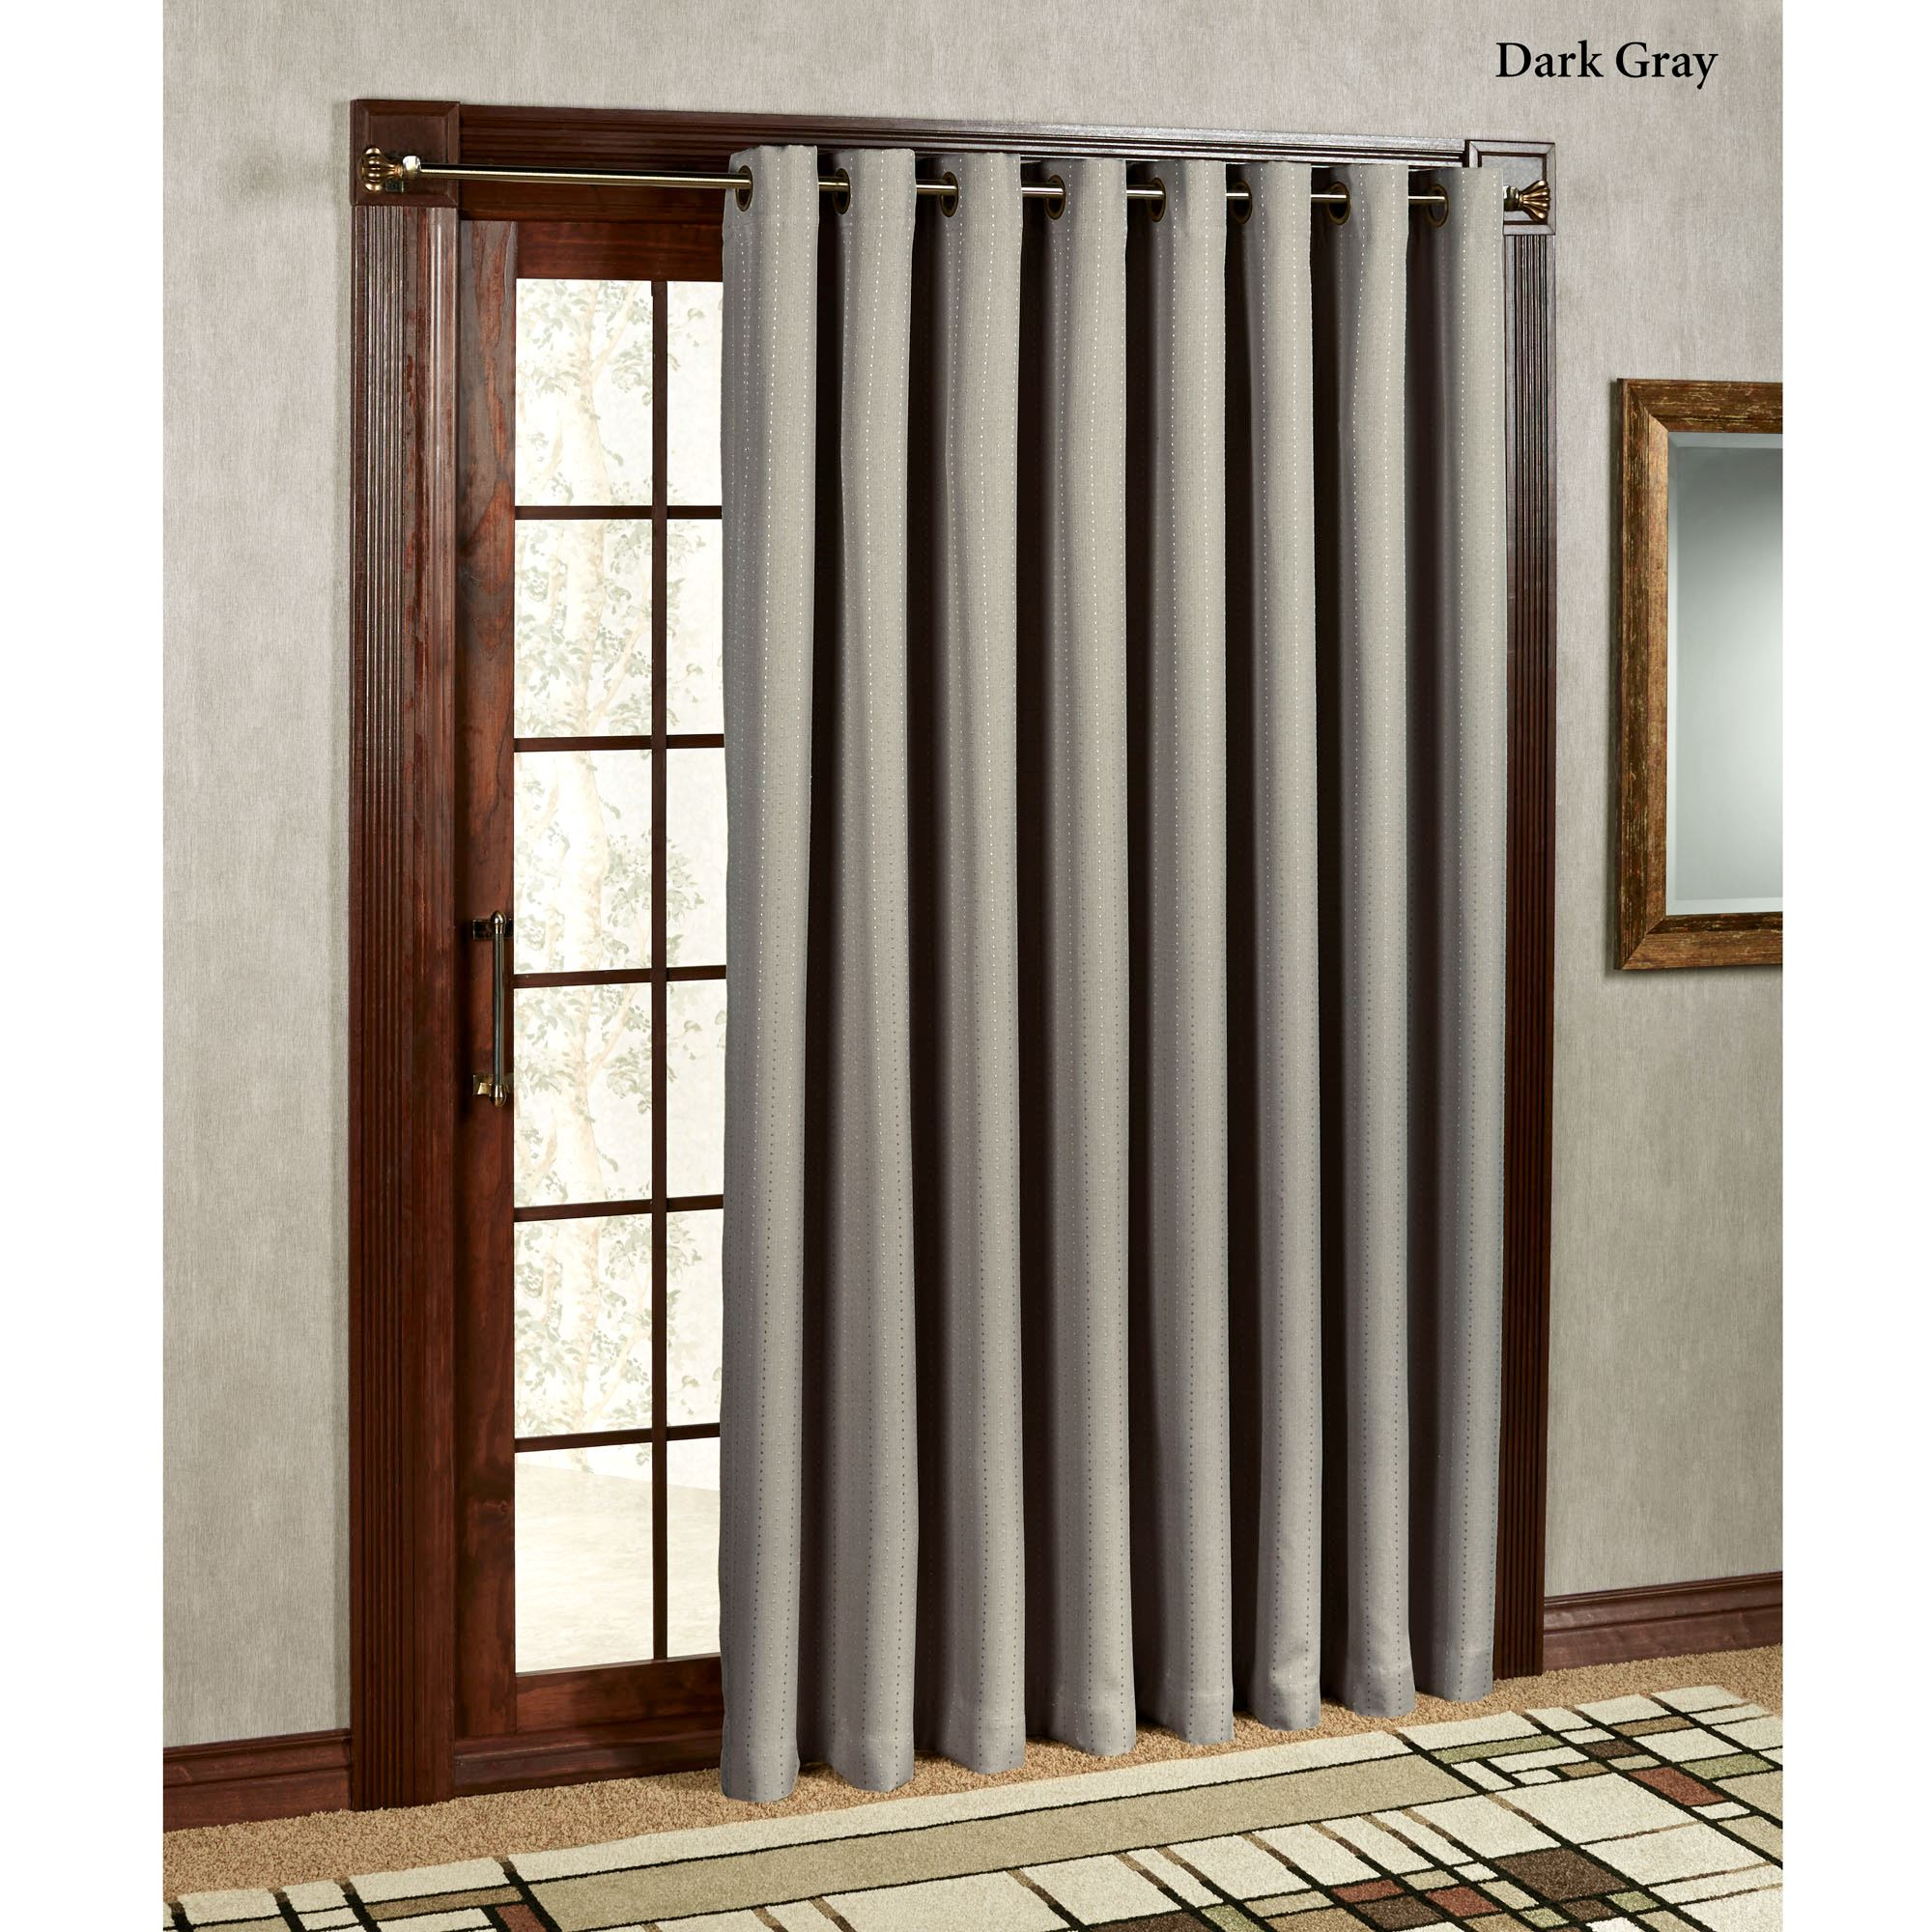 Grand Pointe Room Darkening Thermal Grommet Patio Panel